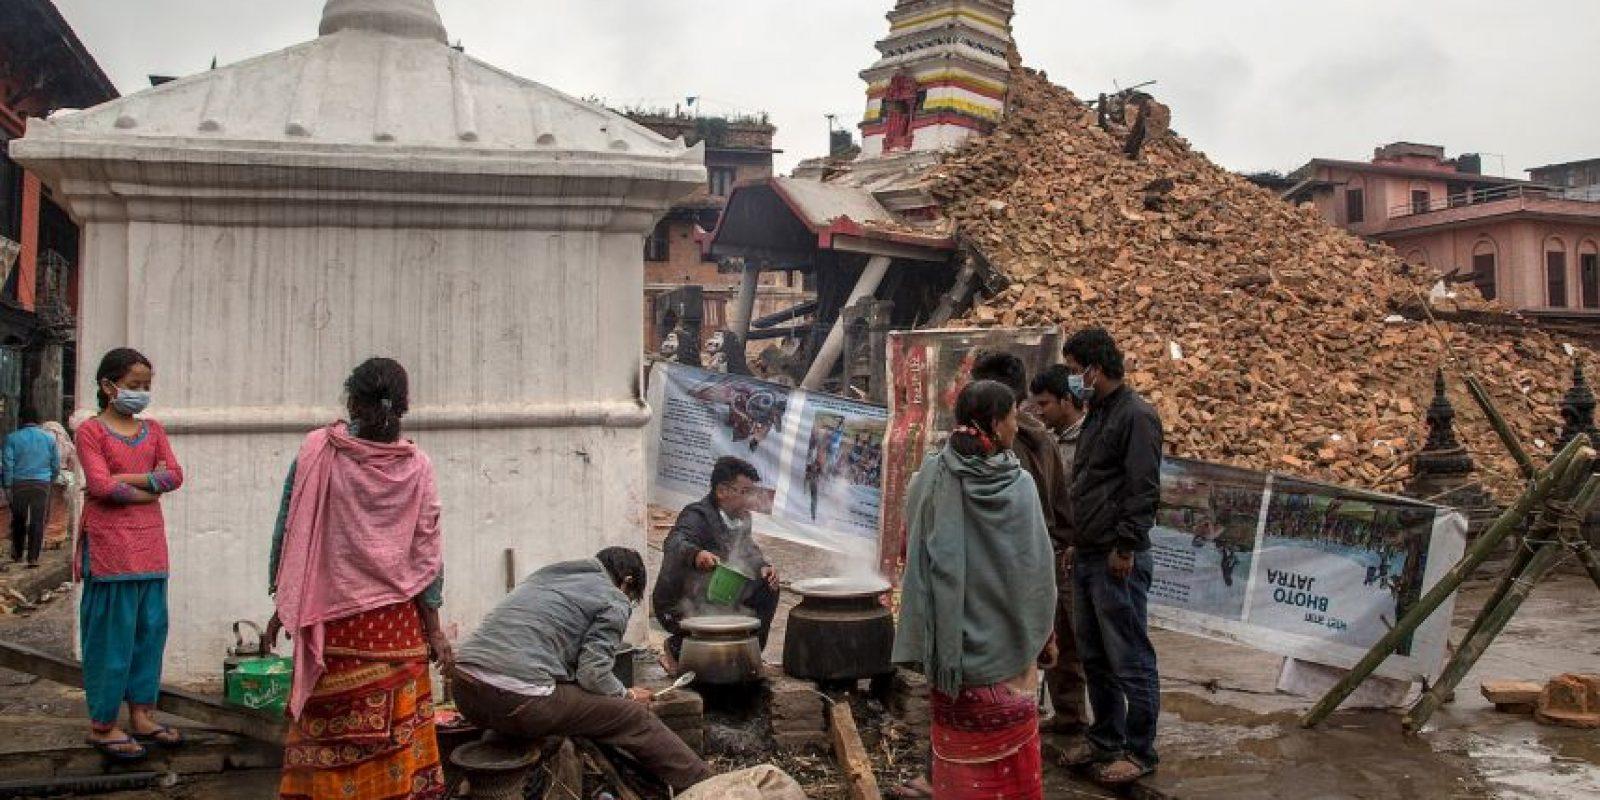 4. La ONU ha destacado que 8 millones de personas se han afectado por el terremoto. Foto:Getty Images